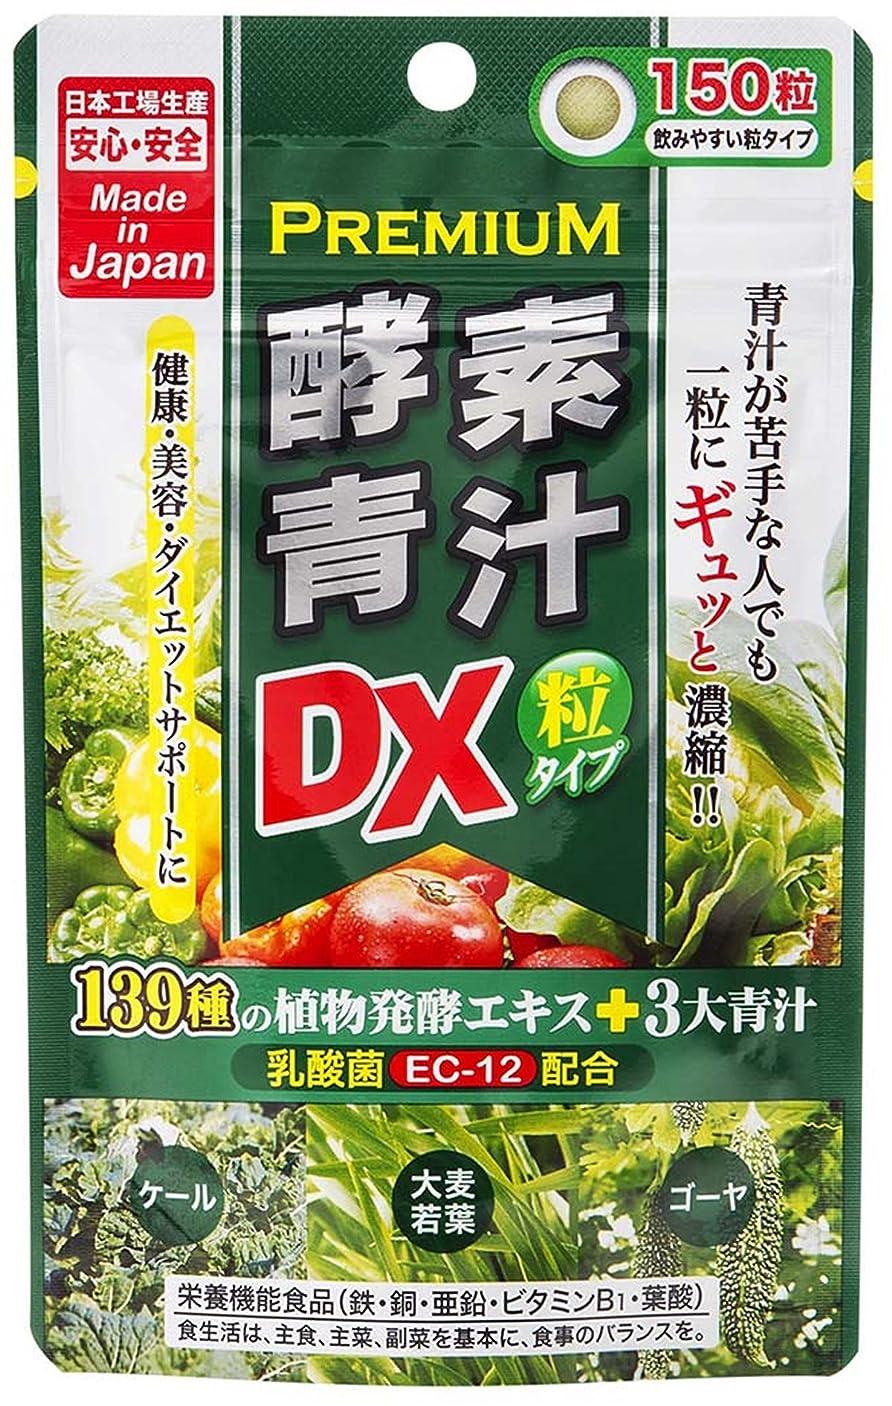 デコードする設置薄めるジャパンギャルズ プレミアム酵素青汁粒 DX 270mg×150粒